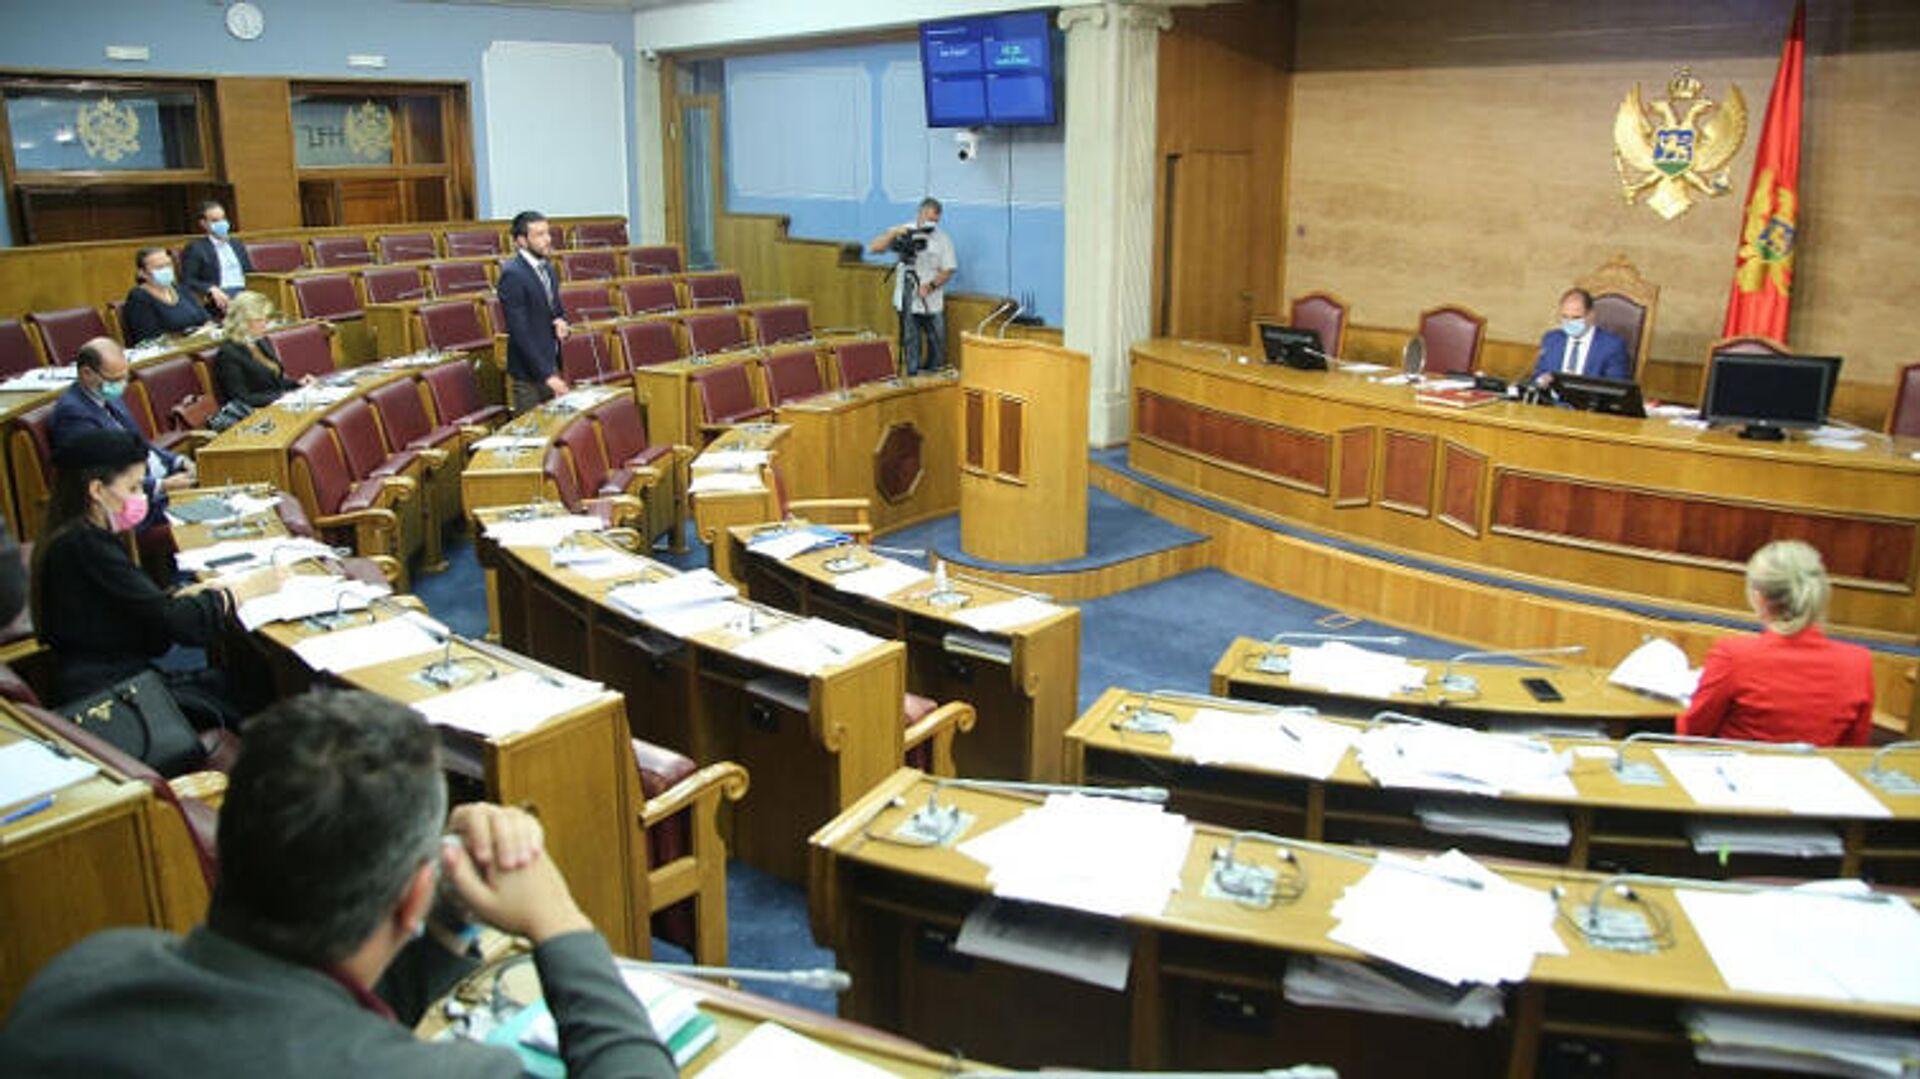 Весенняя сессия заседания Парламента Черногории - РИА Новости, 1920, 04.12.2020